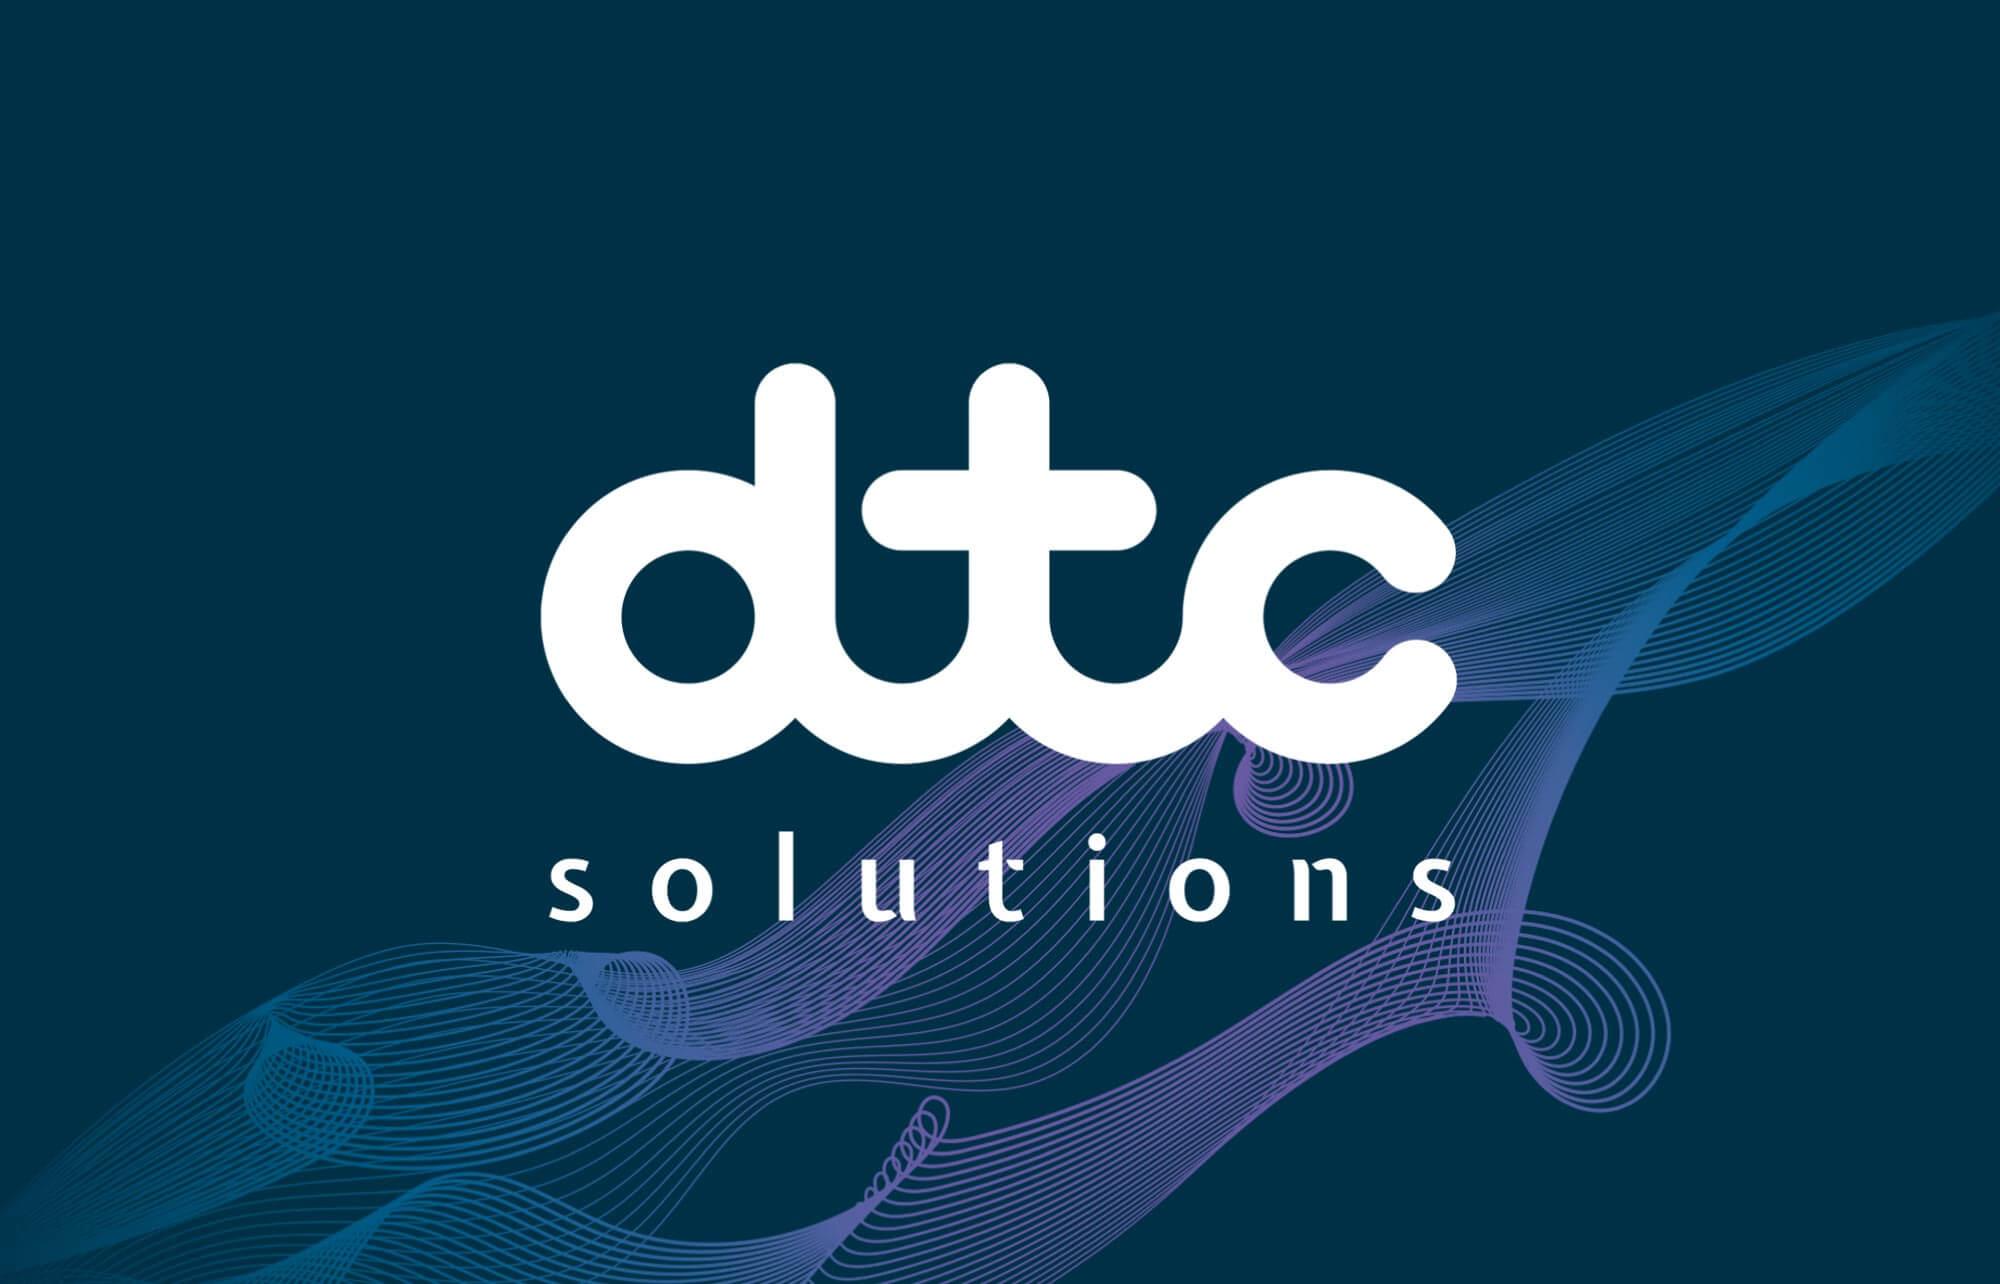 waaraan voldoet een goed logo, logo laten ontwerpen rotterdam, kraakmakend, professioneel logo